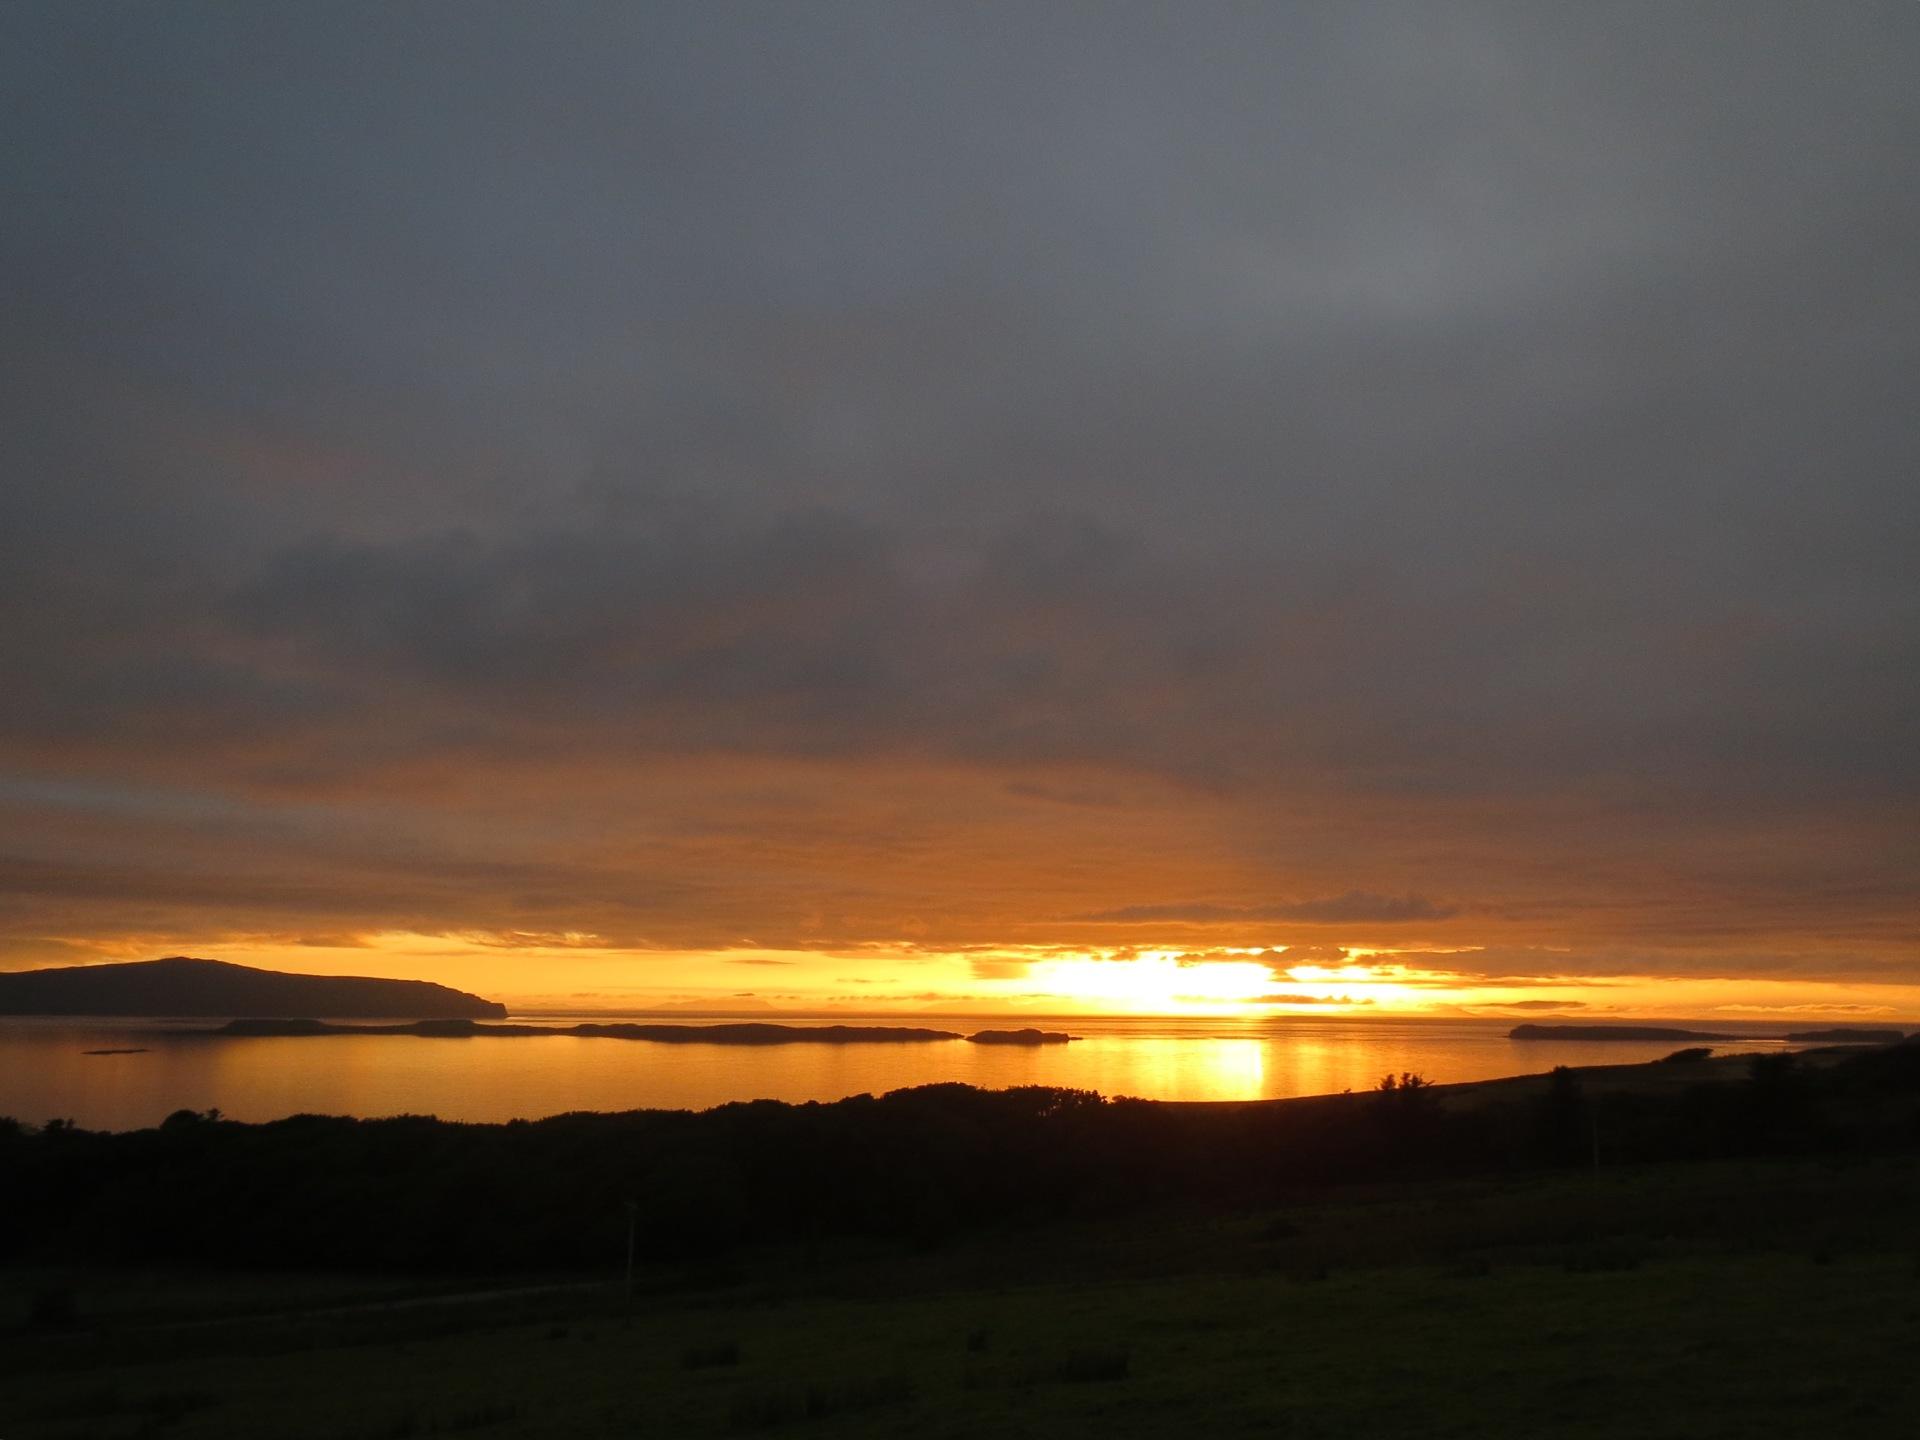 Sun setting into the sea